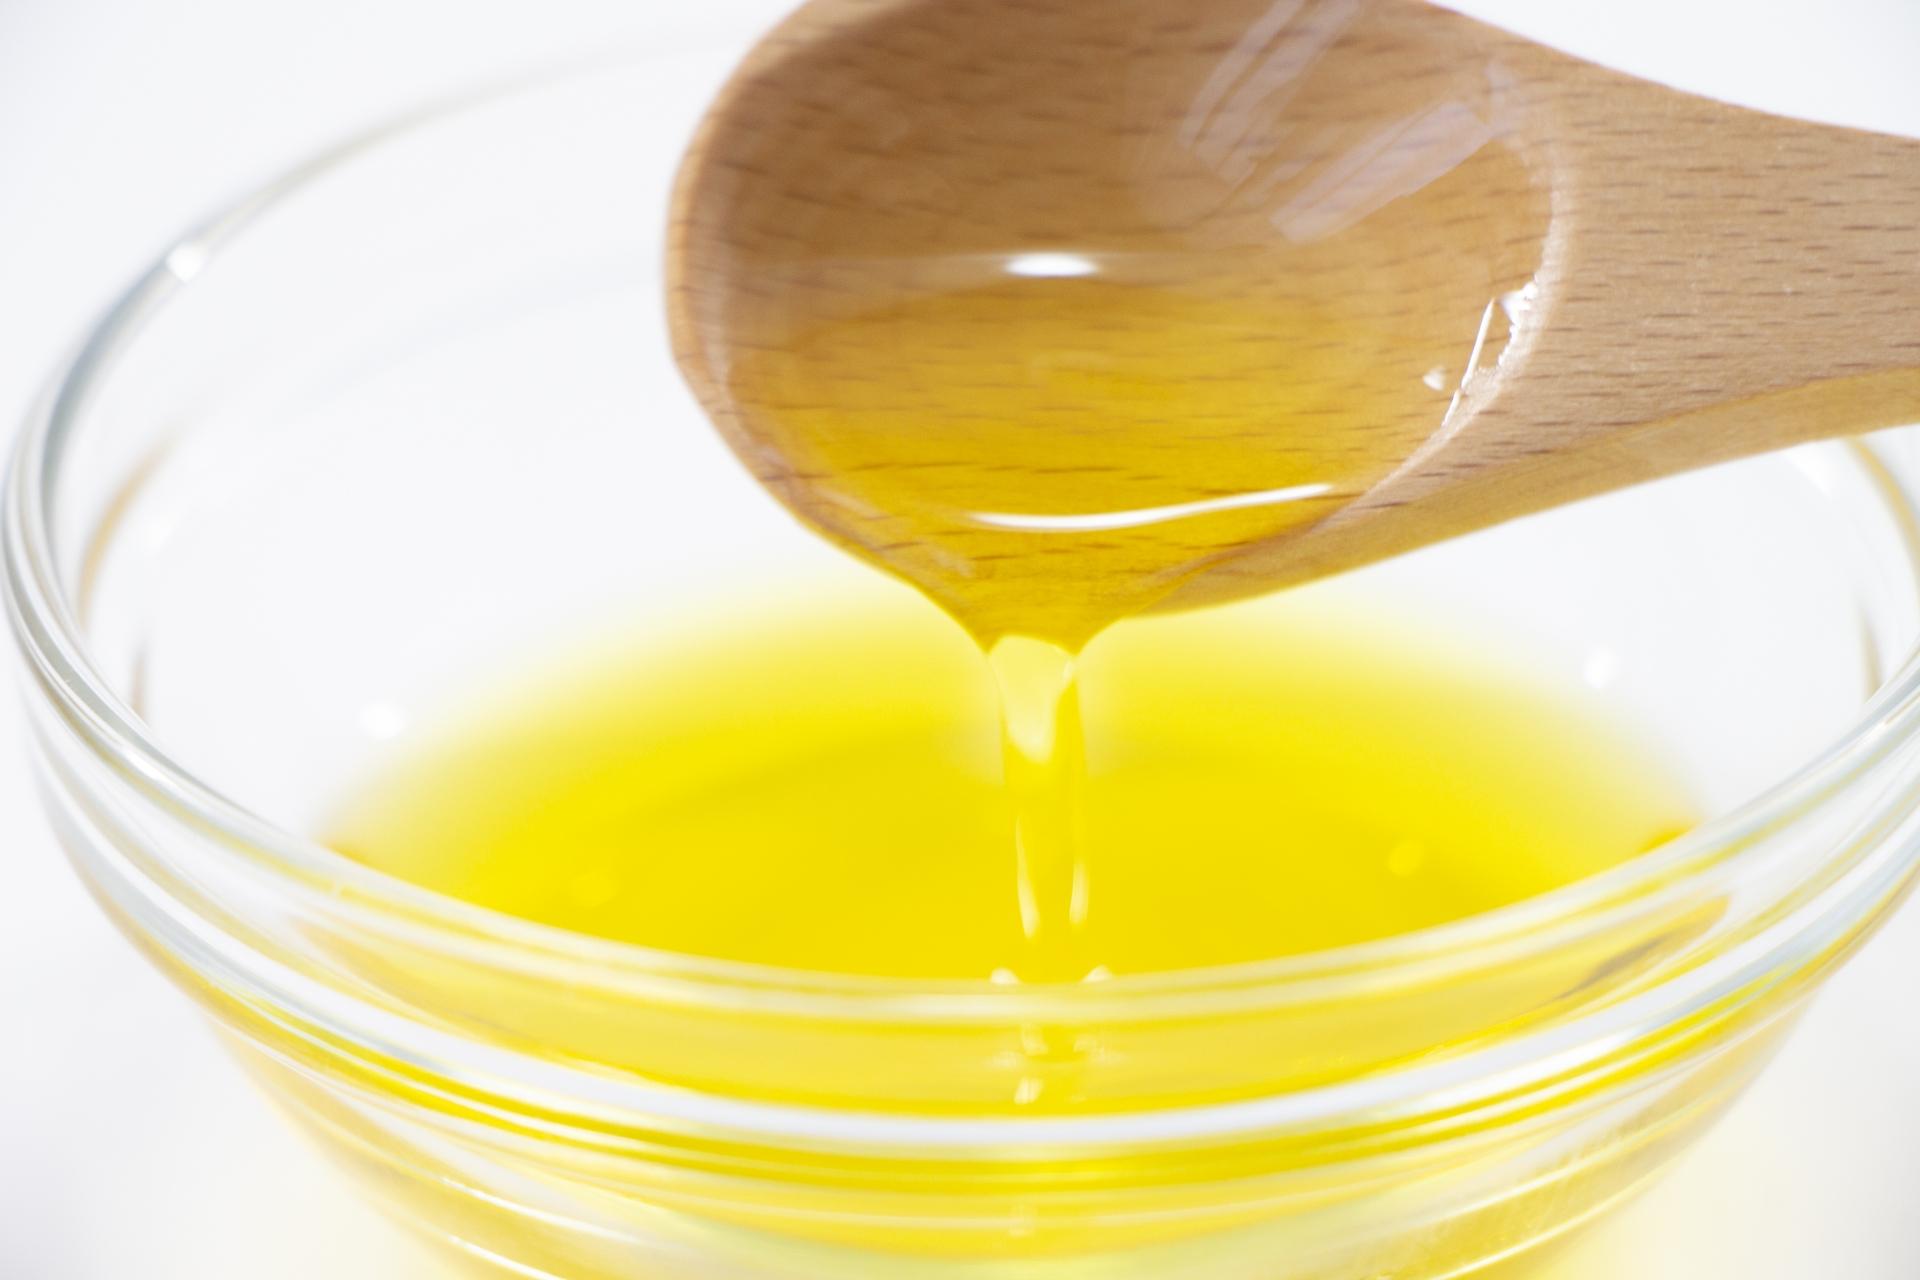 便秘と食事、良質な油